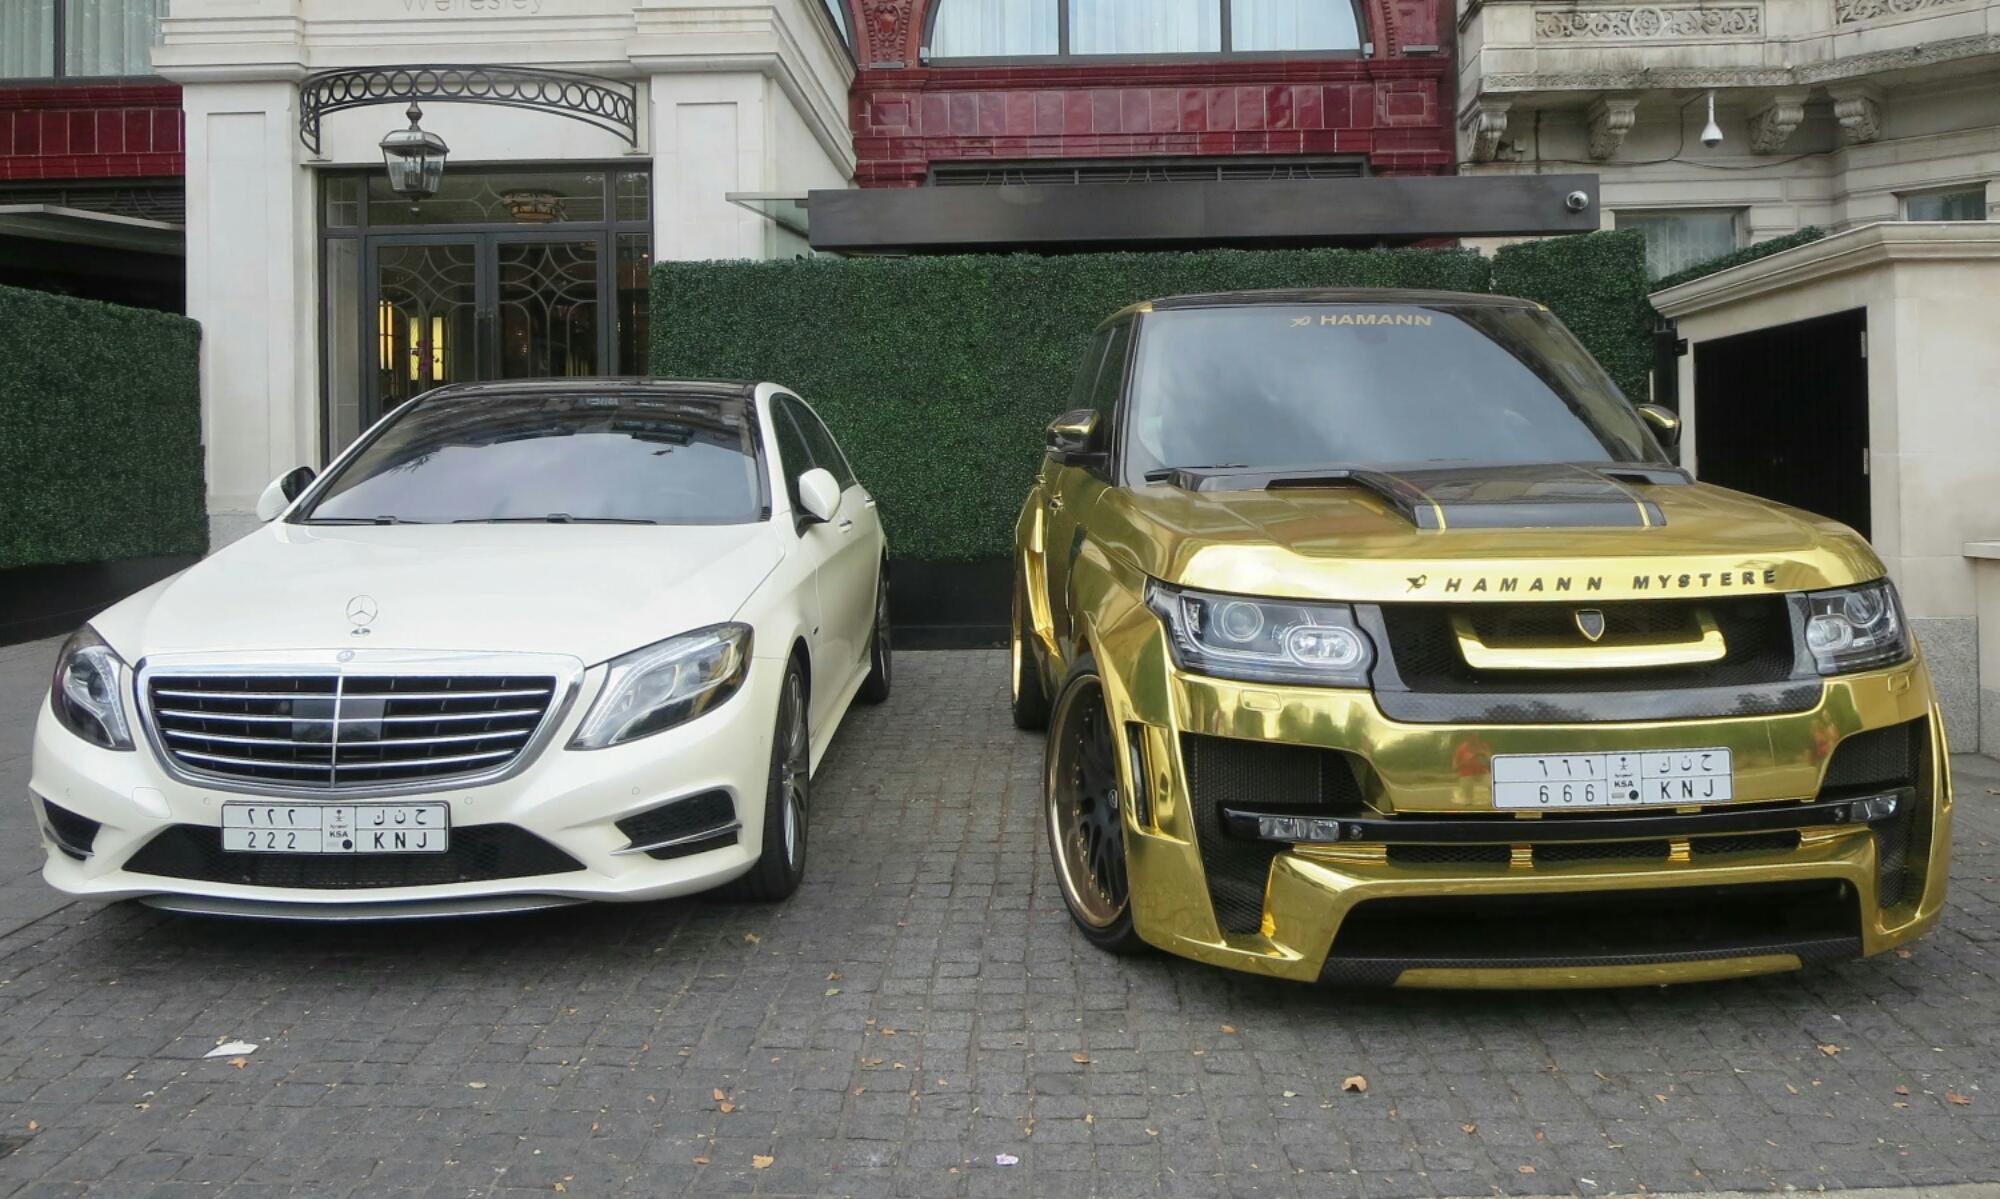 بالصور سيارات الأثرياء الخليجين في لندن وازعاجهم